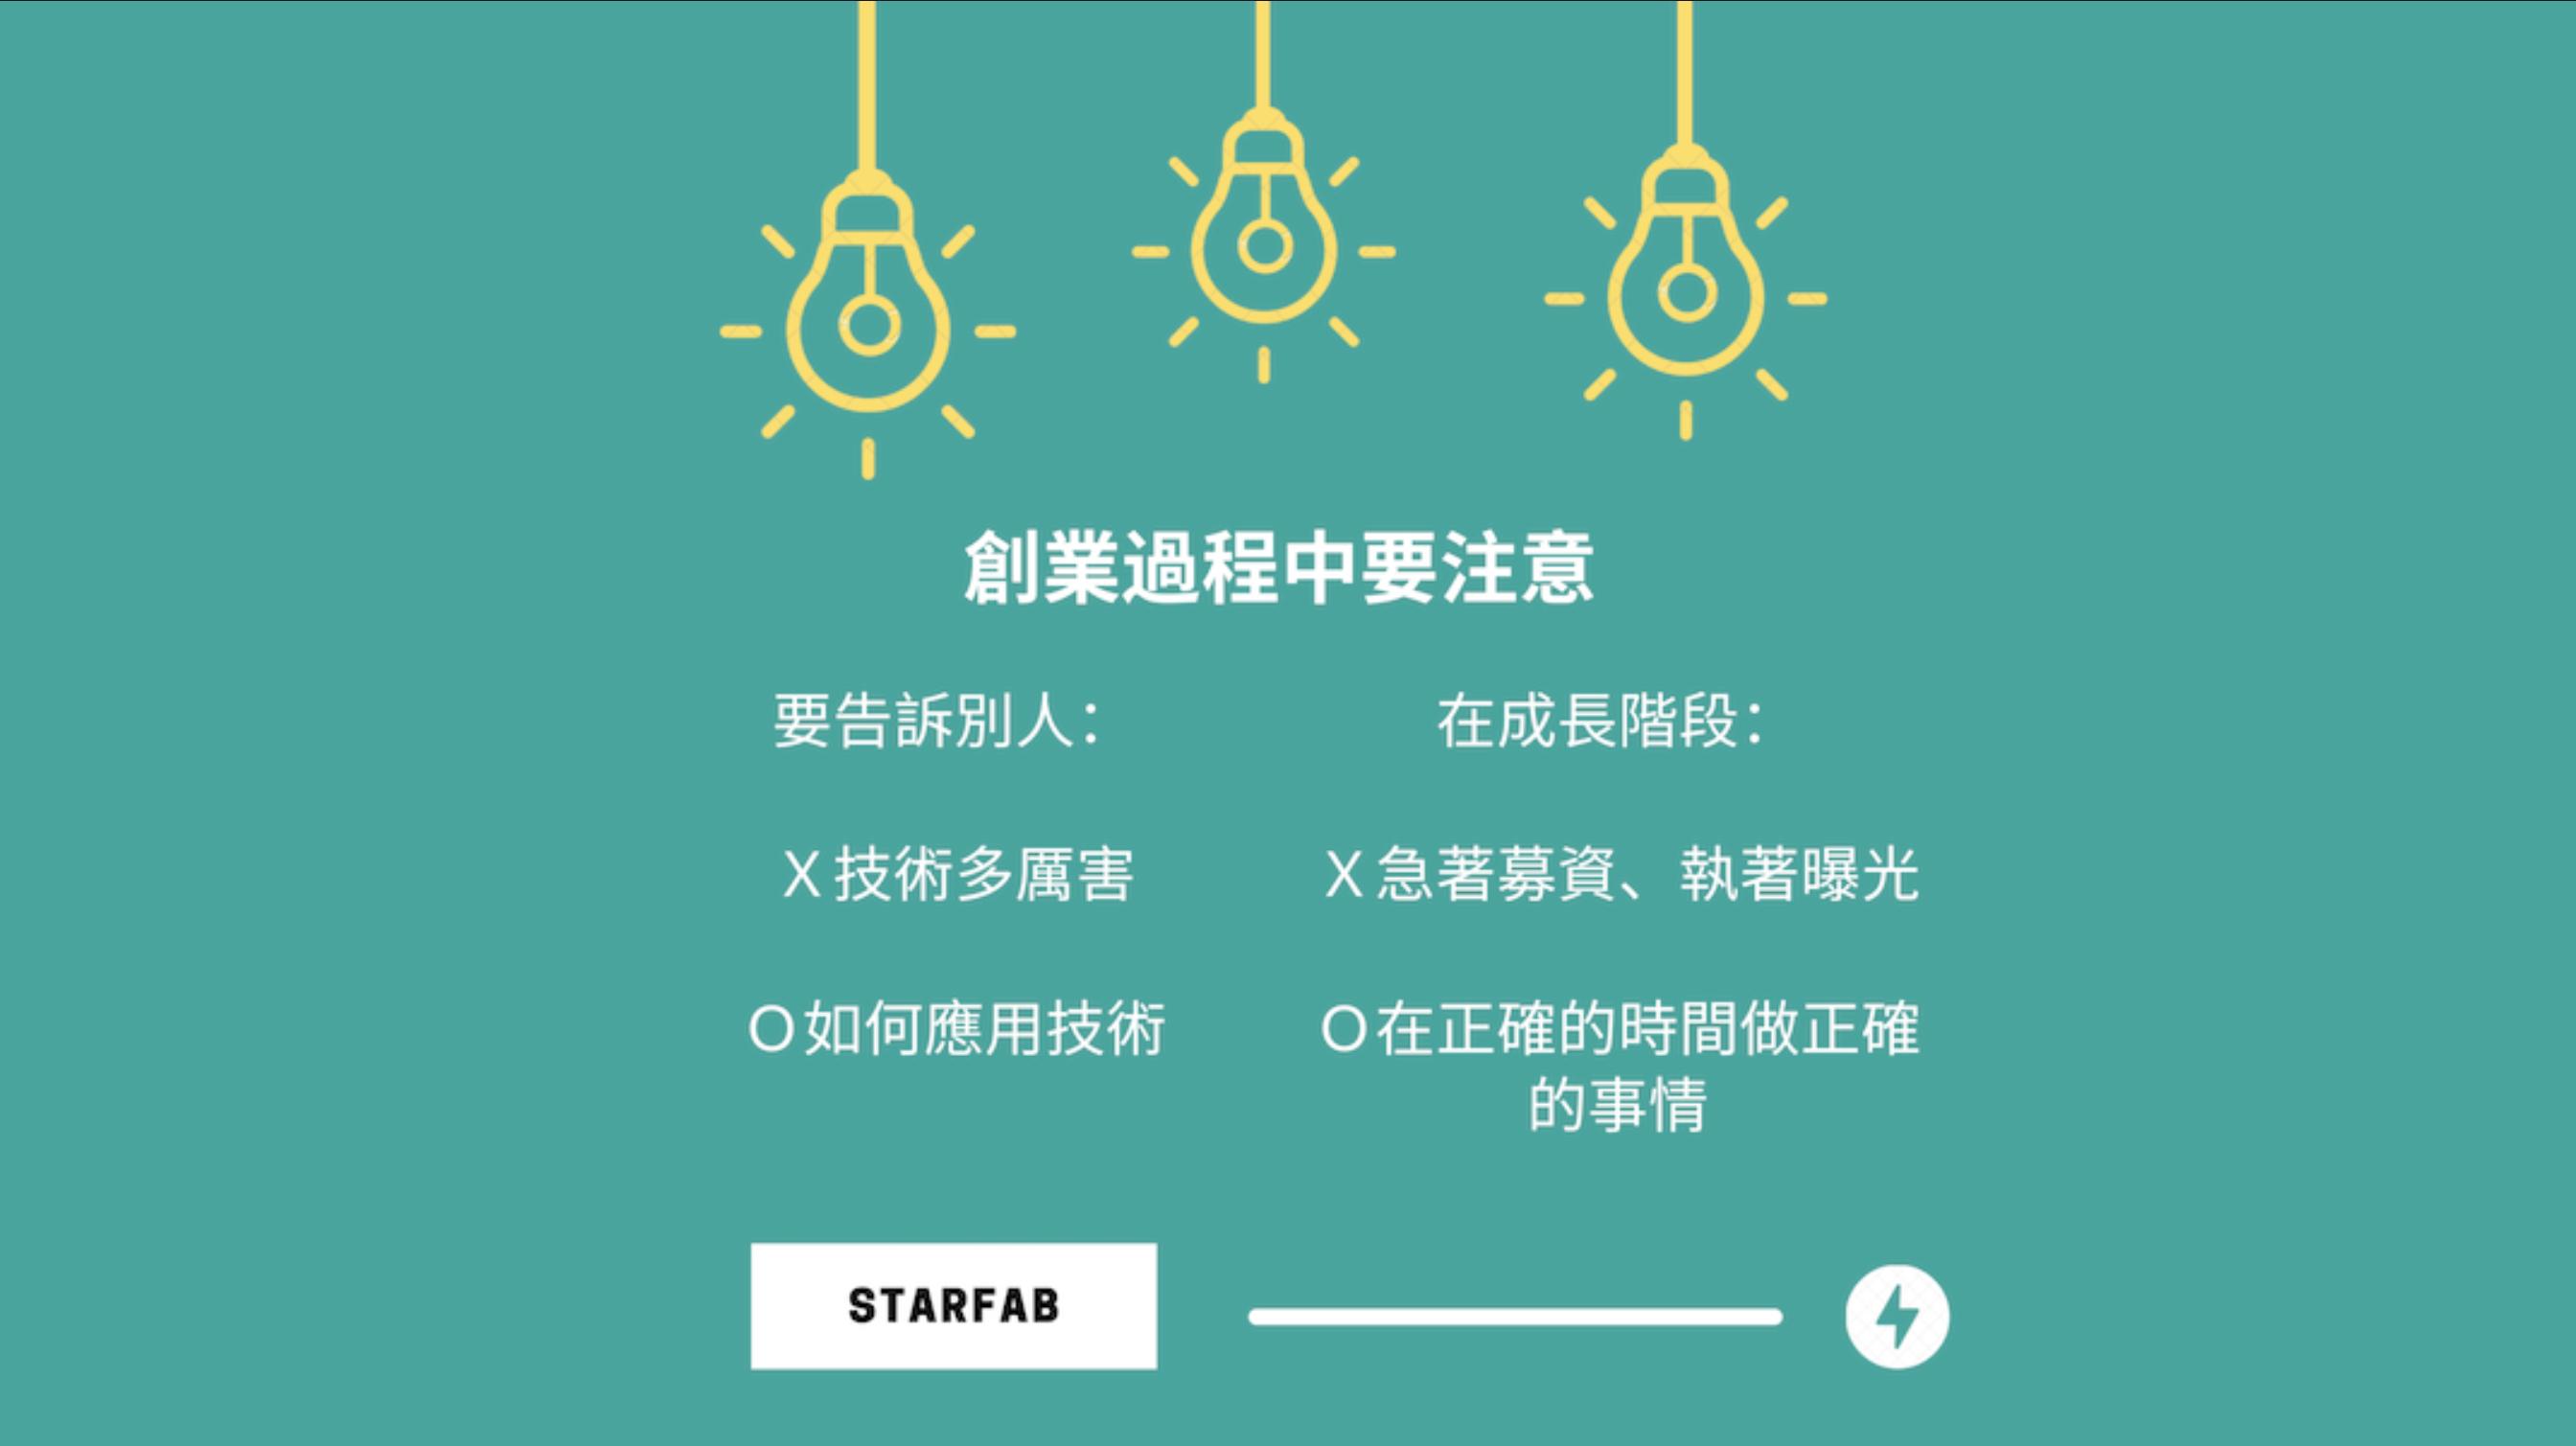 【StarFab特報】創業大哉問第二期來啦~科技創新創業需要注意什麼呢?